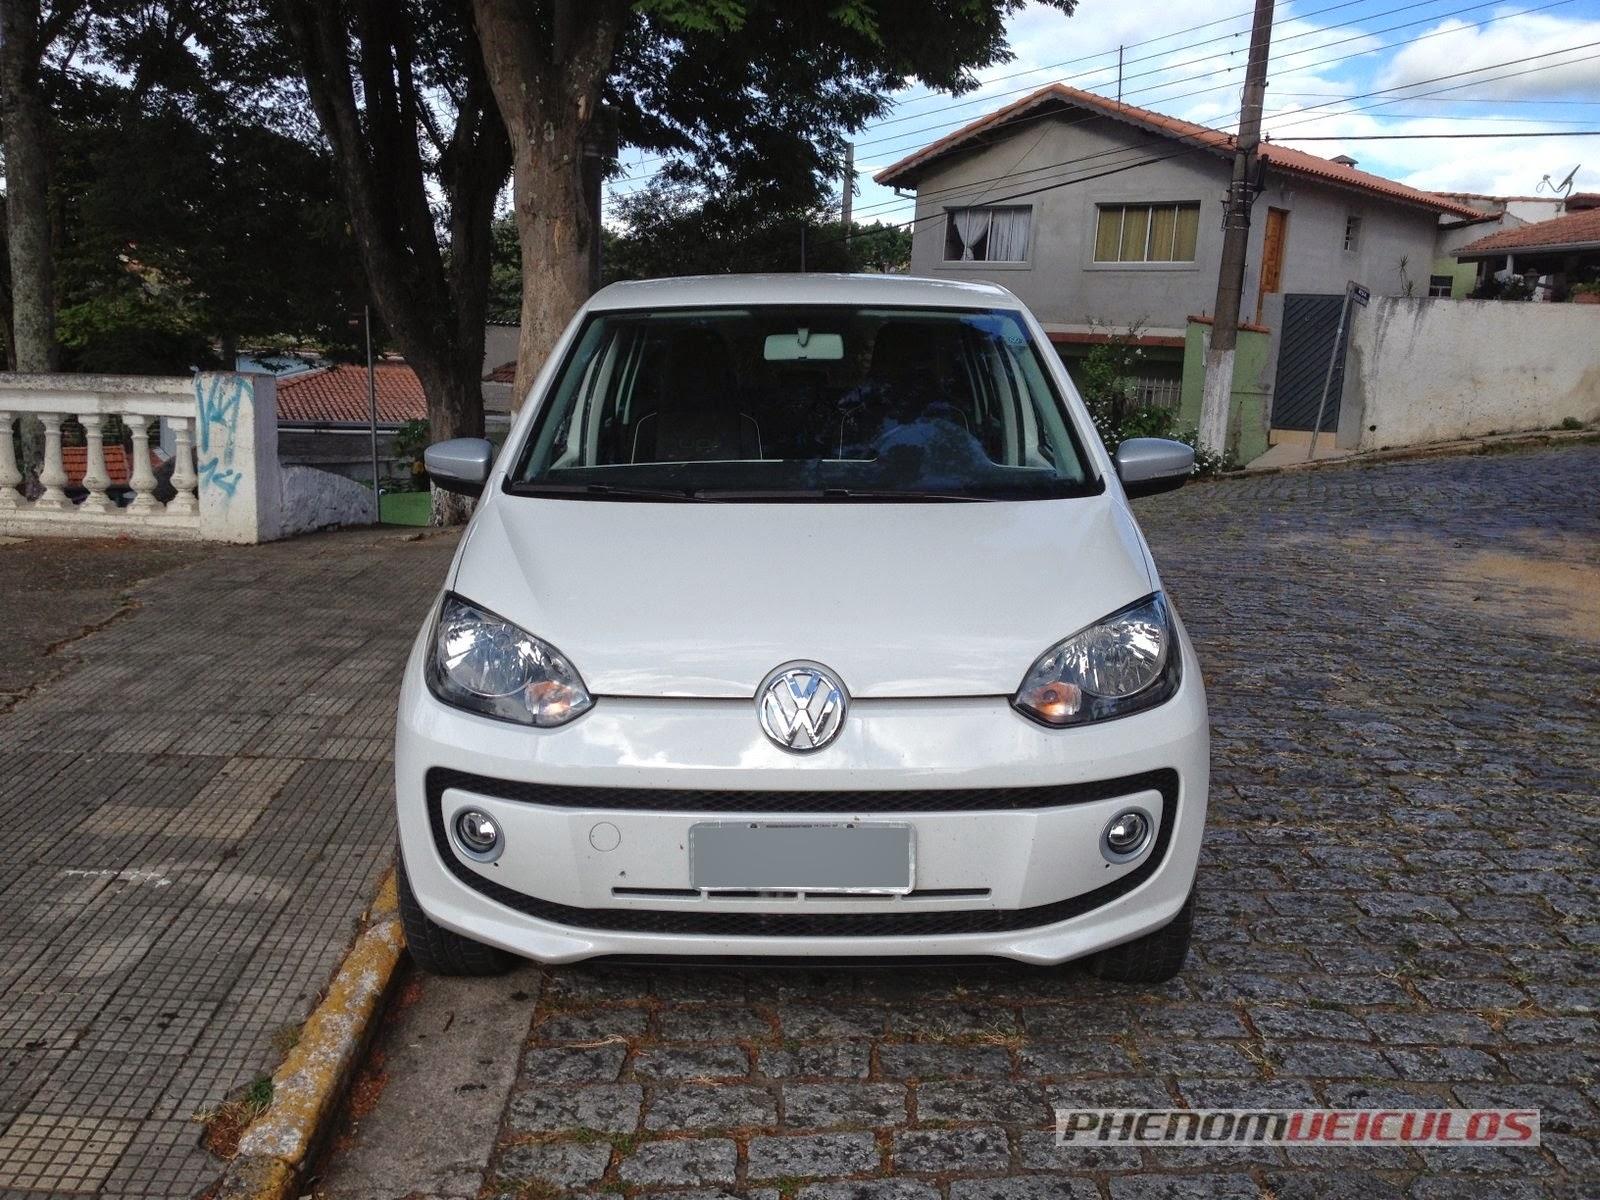 Volkswagen White Up! i-Motion: avaliação, primeiras impressões e fotos